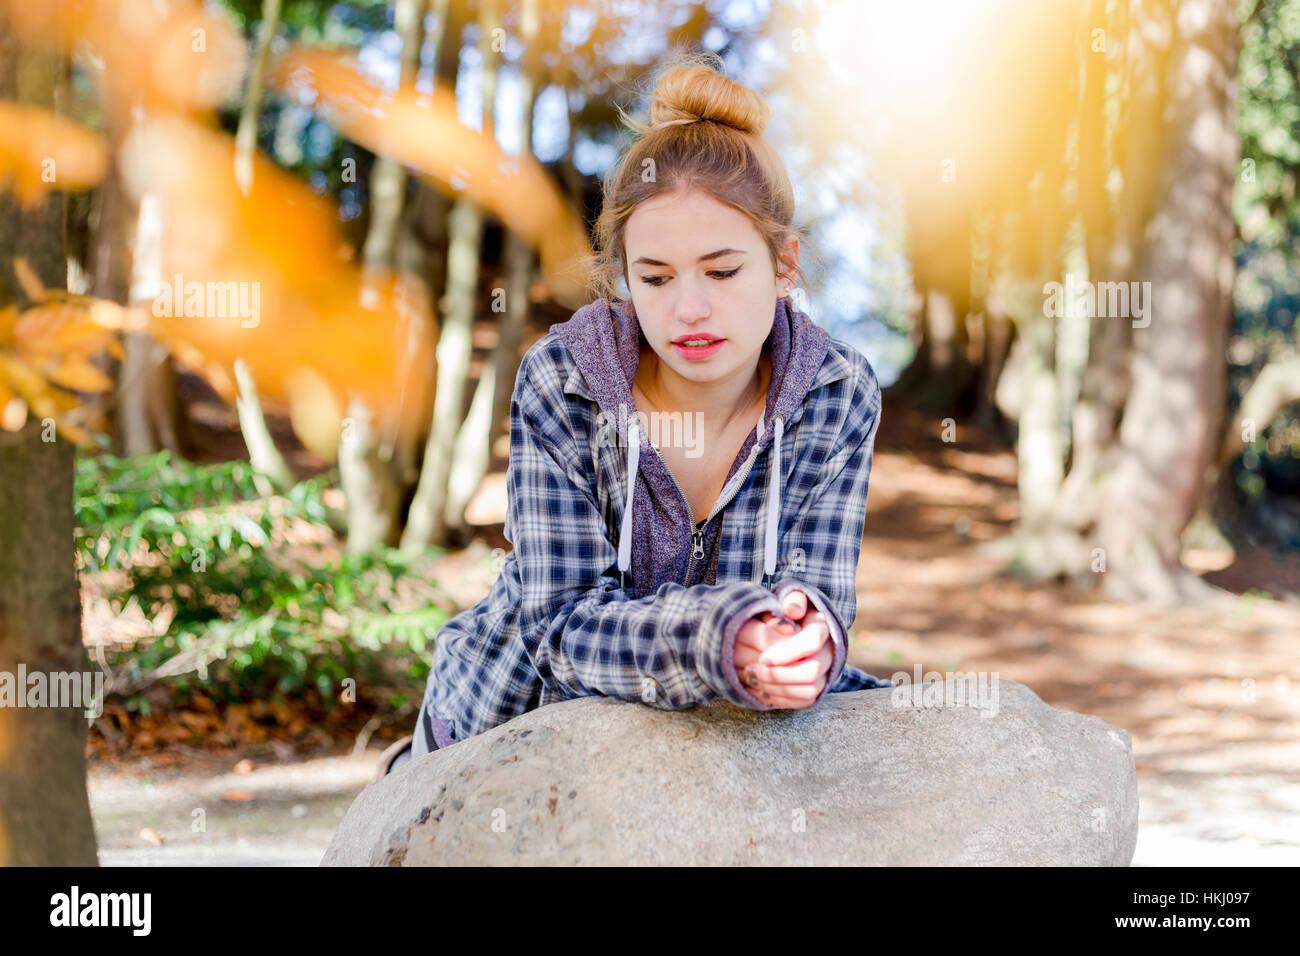 Cette jeune adolescente passe son temps seul dans un parc, assis sur un rocher en position désengagée Photo Stock